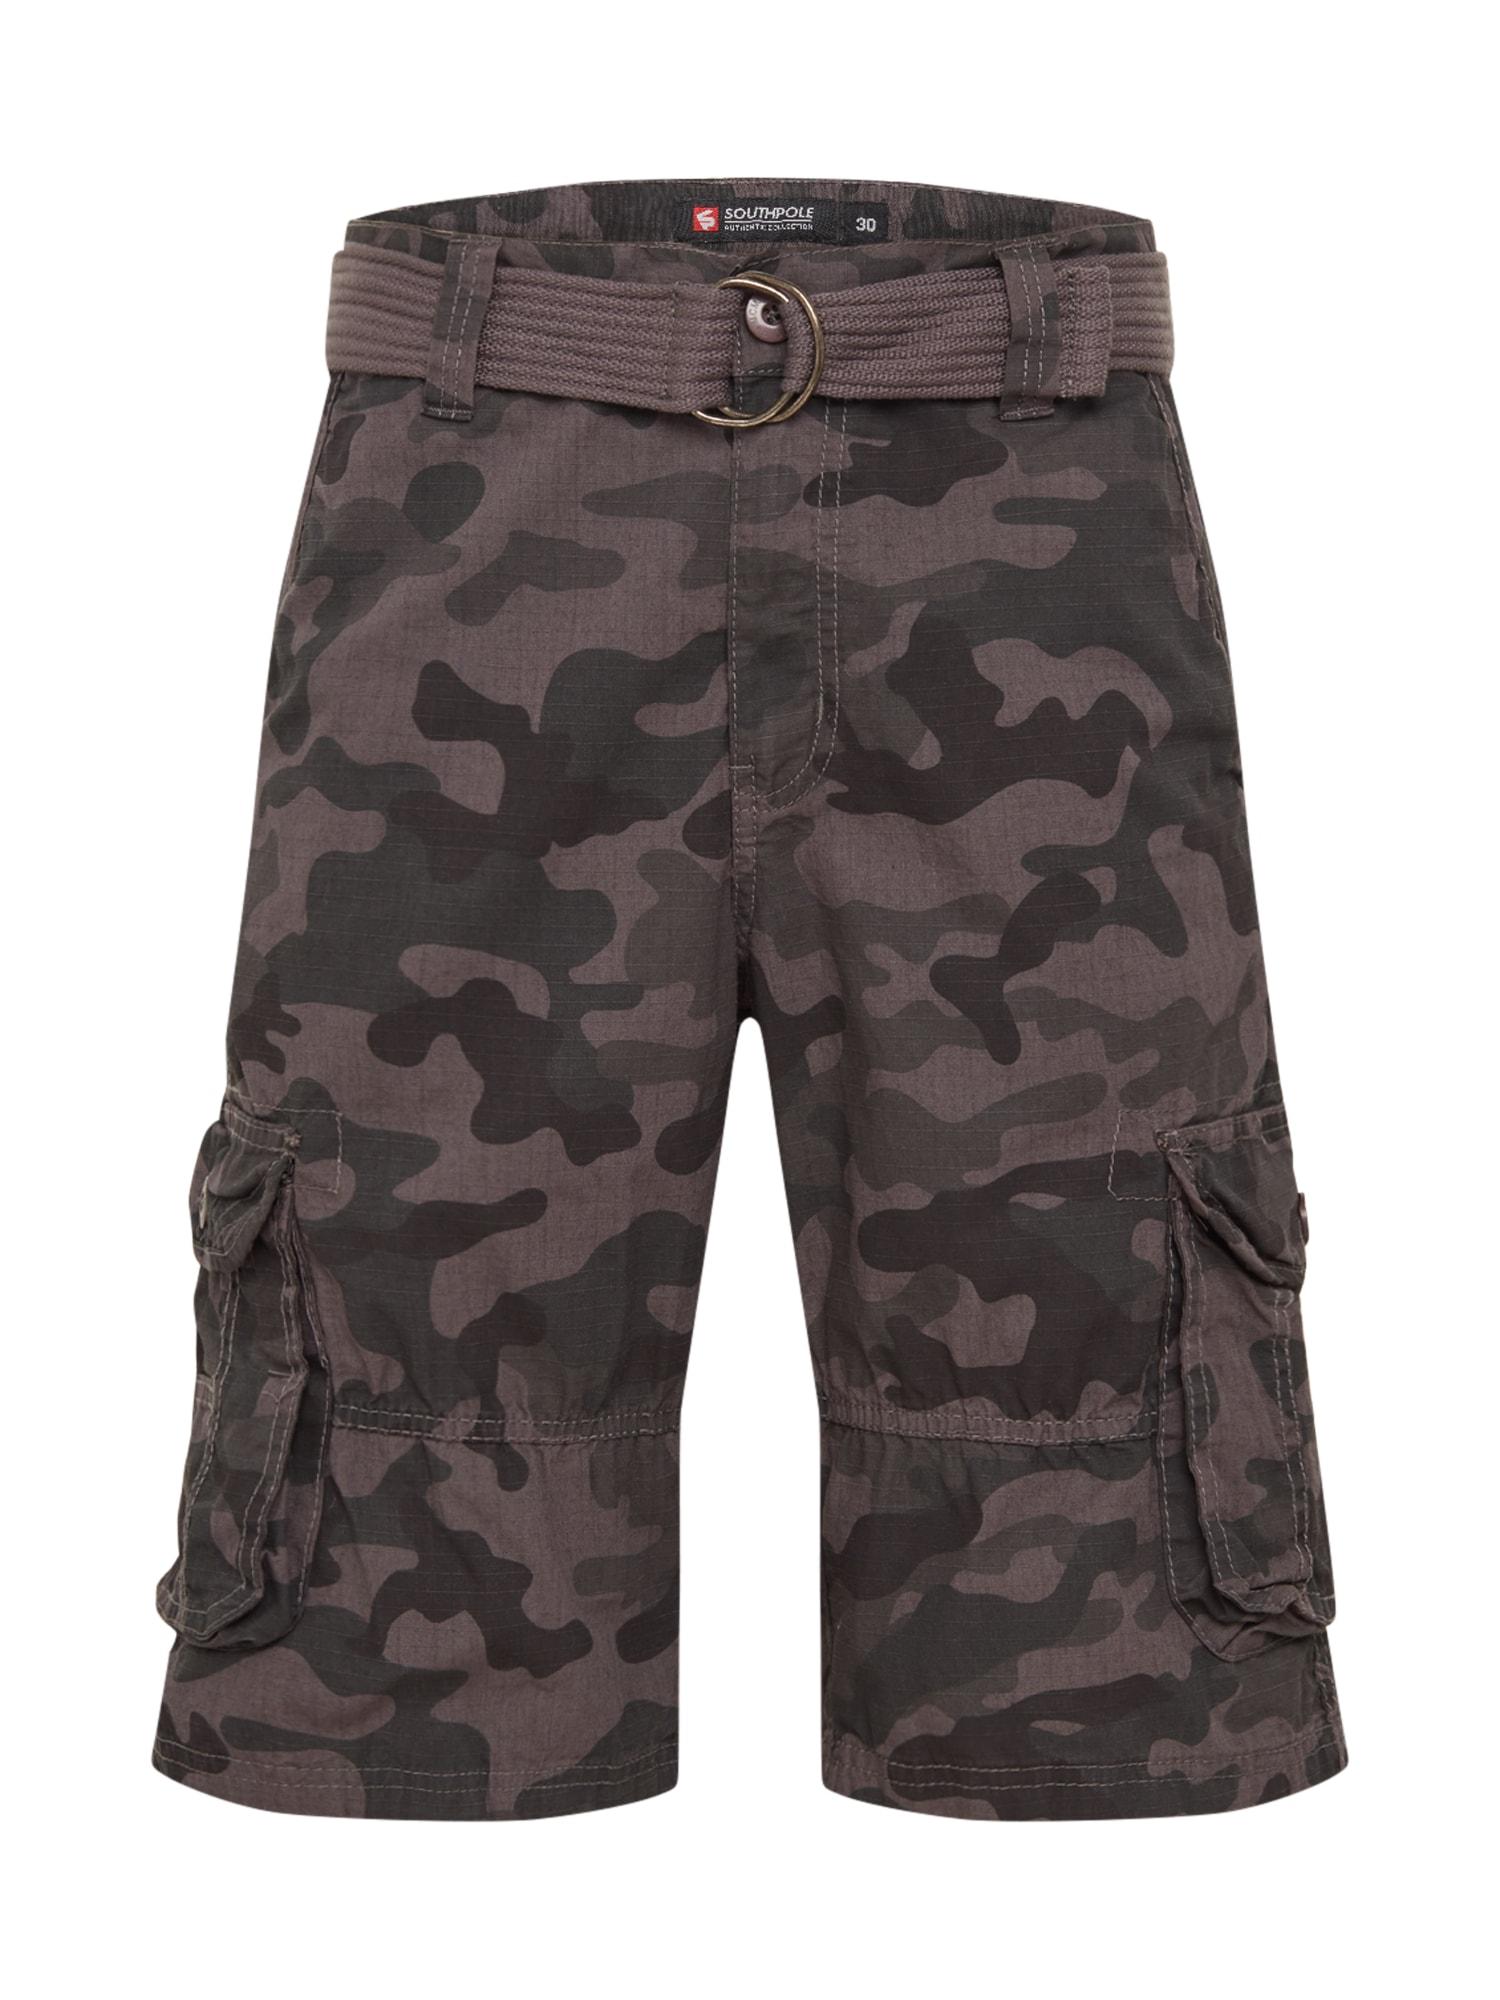 SOUTHPOLE Laisvo stiliaus kelnės 'Belted Camo Ripstop' pilka / juoda